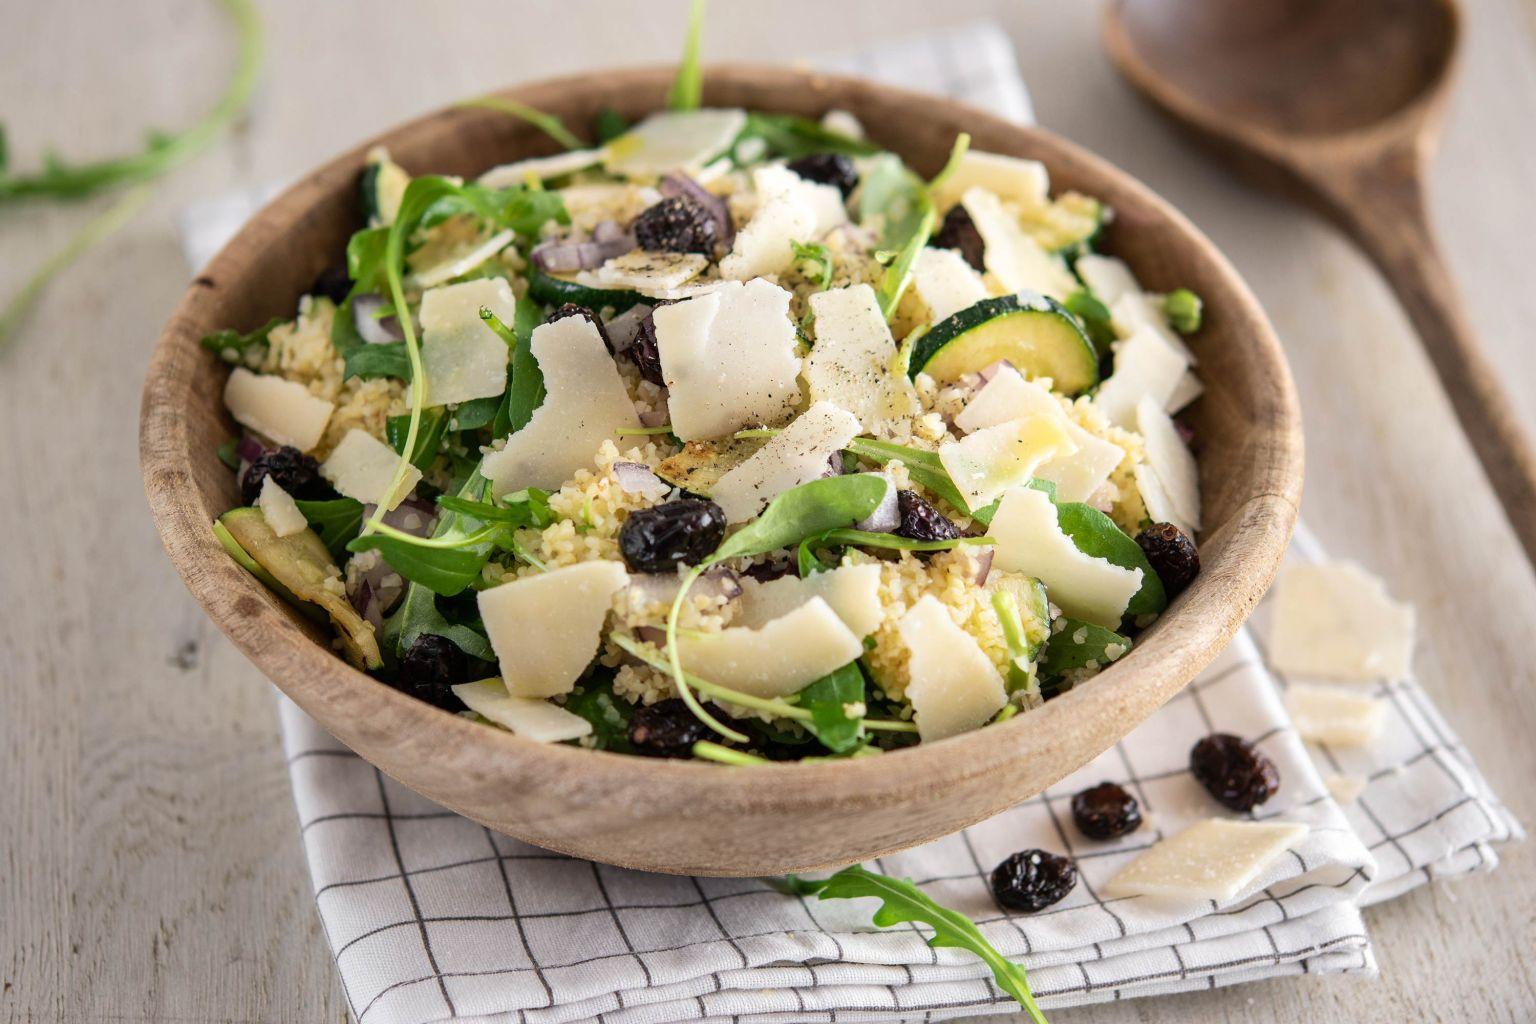 Salade de courgette au parmesan et cranberries